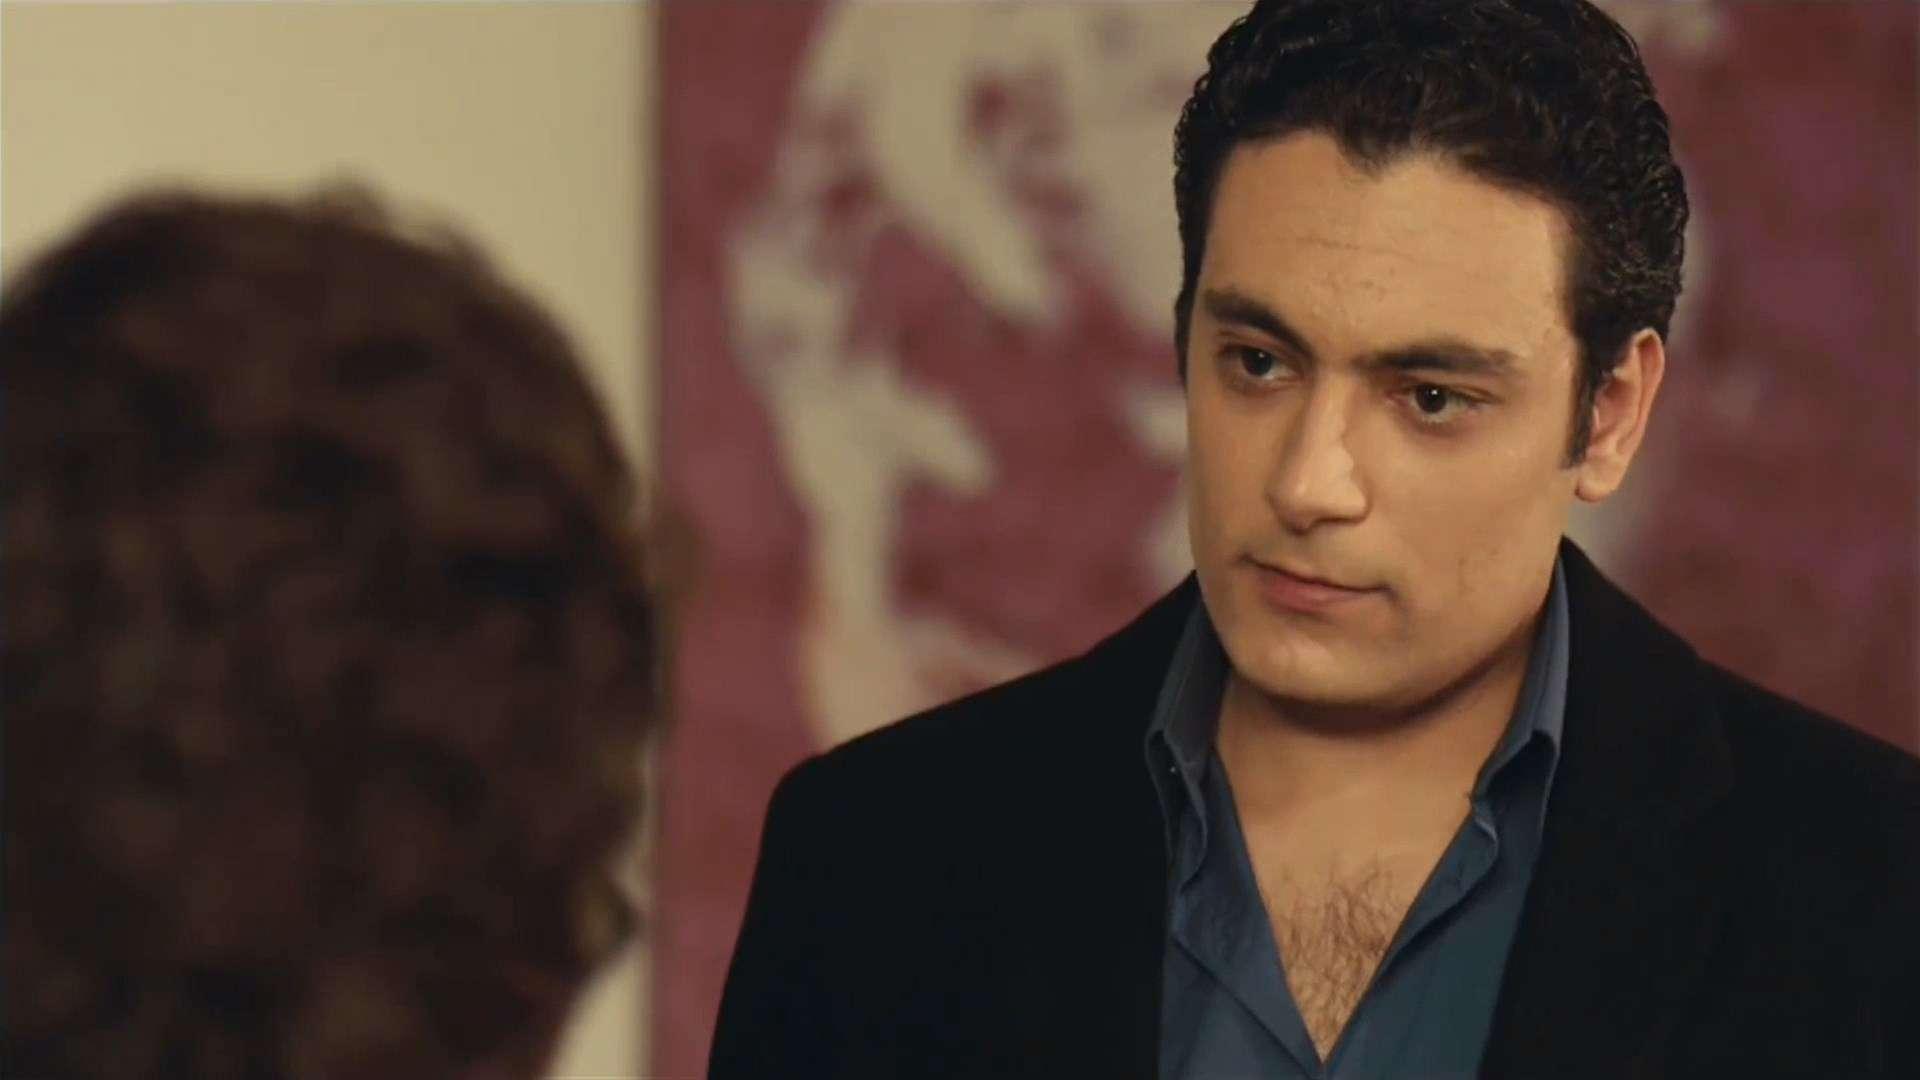 [فيلم][تورنت][تحميل][برتيتا][2011][1080p][Web-DL] 3 arabp2p.com